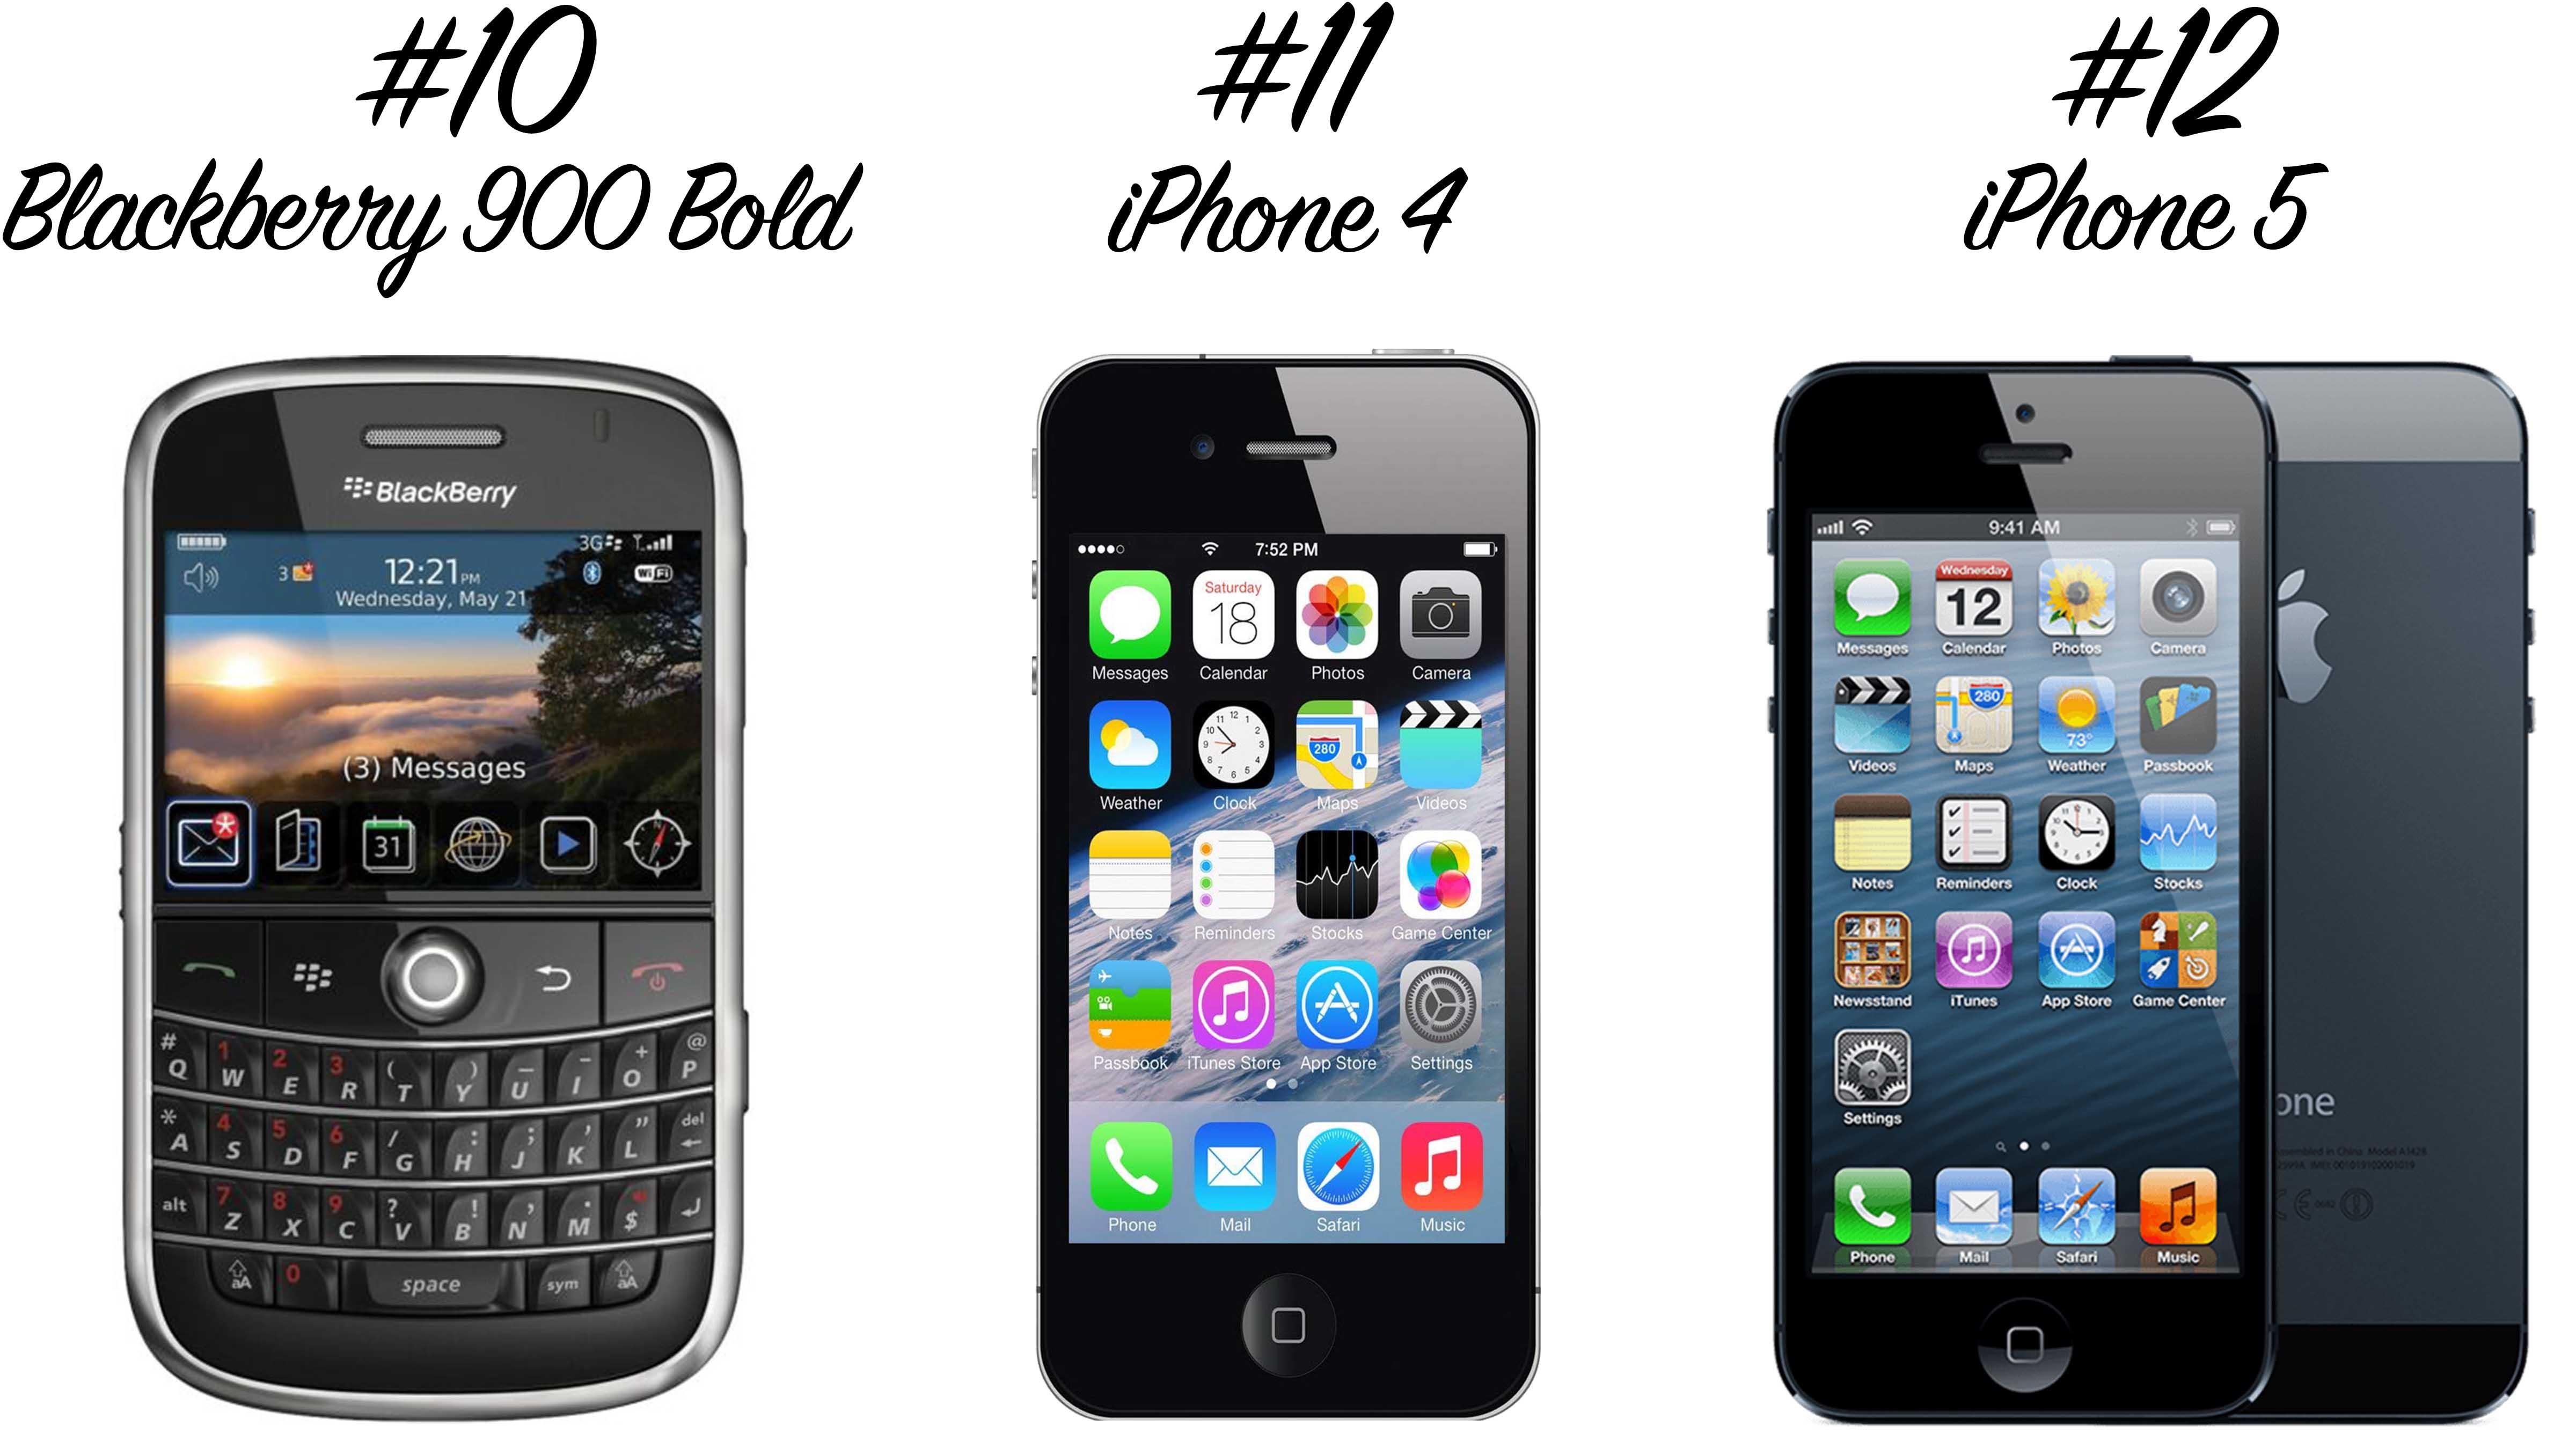 Retro Handys: Blackberry 900 Bold, iPhone 4, iPhone 5